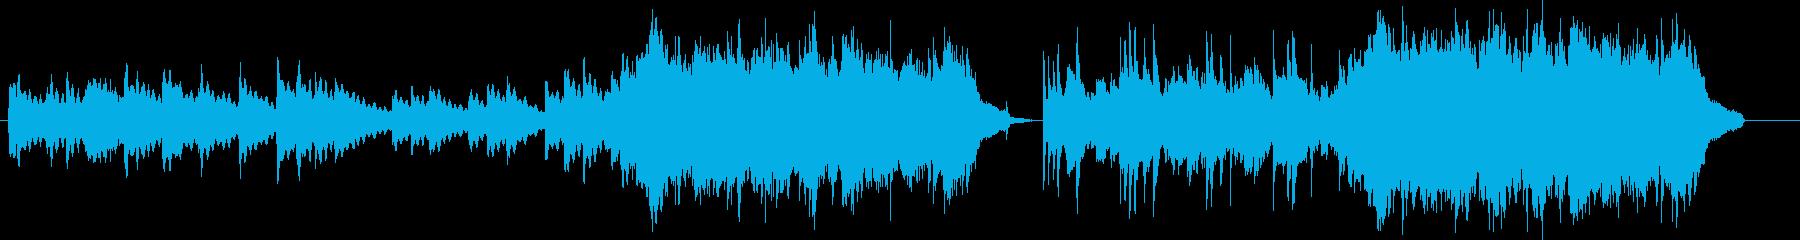 映像系、儚く切ないバラードの再生済みの波形